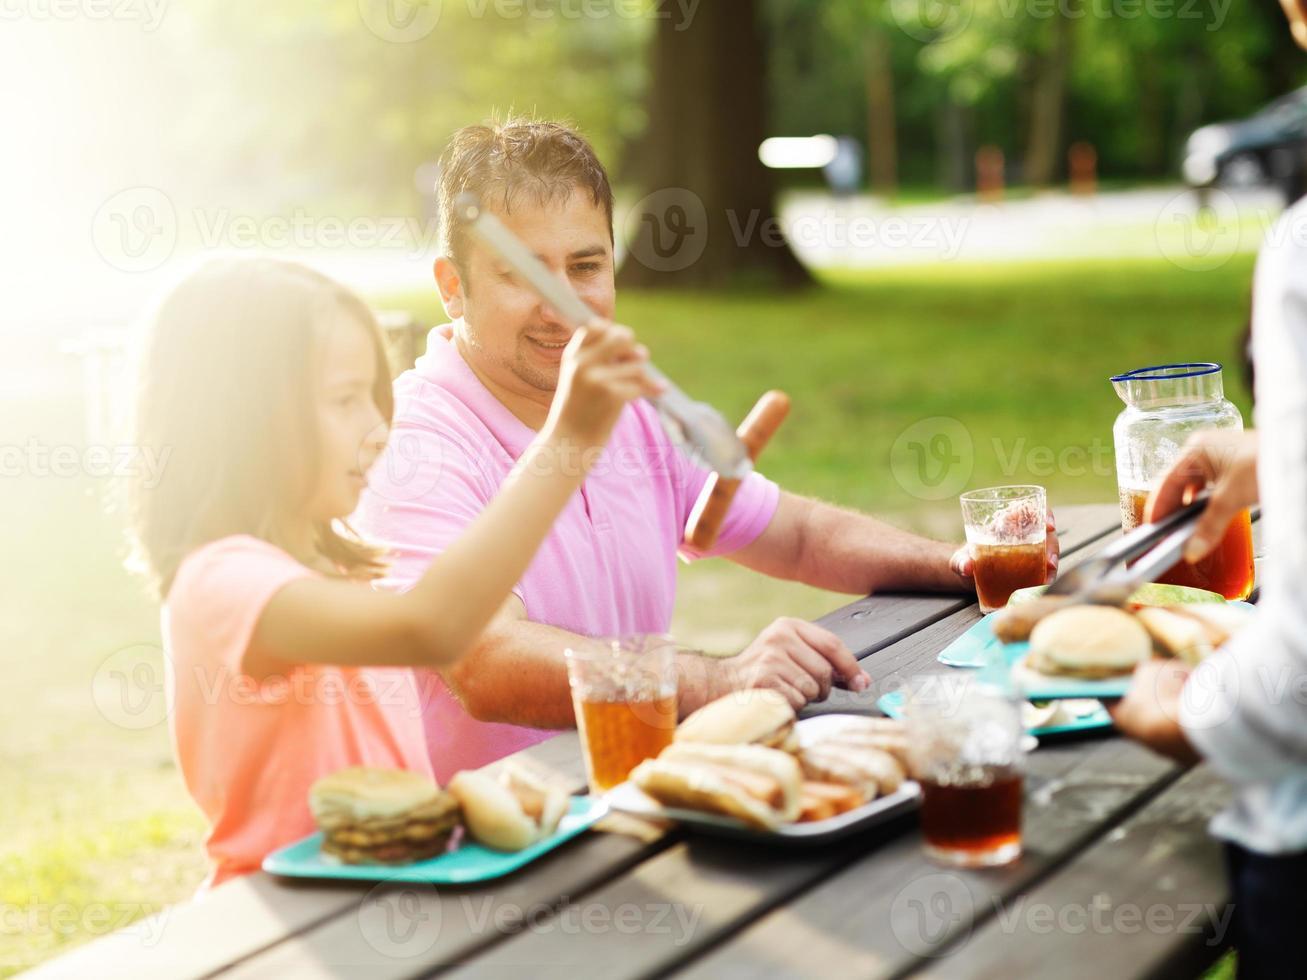 vader en dochter samen eten bij barbecue cookout foto